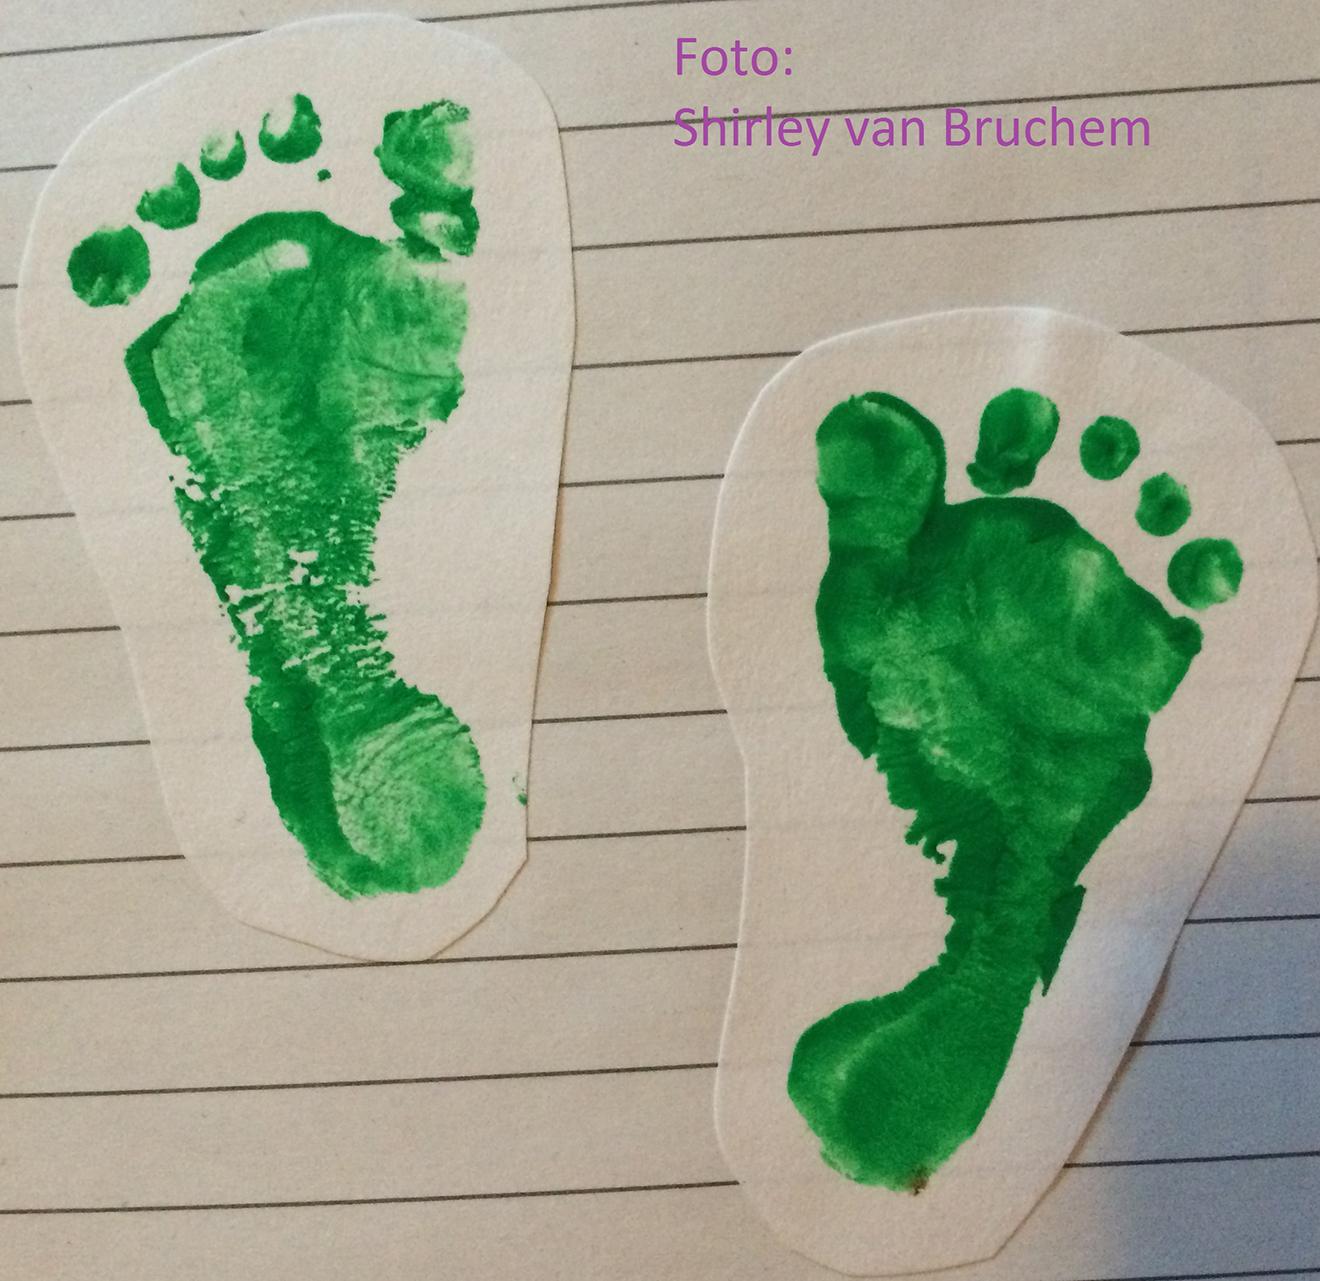 kleine voetjes prematuur baby